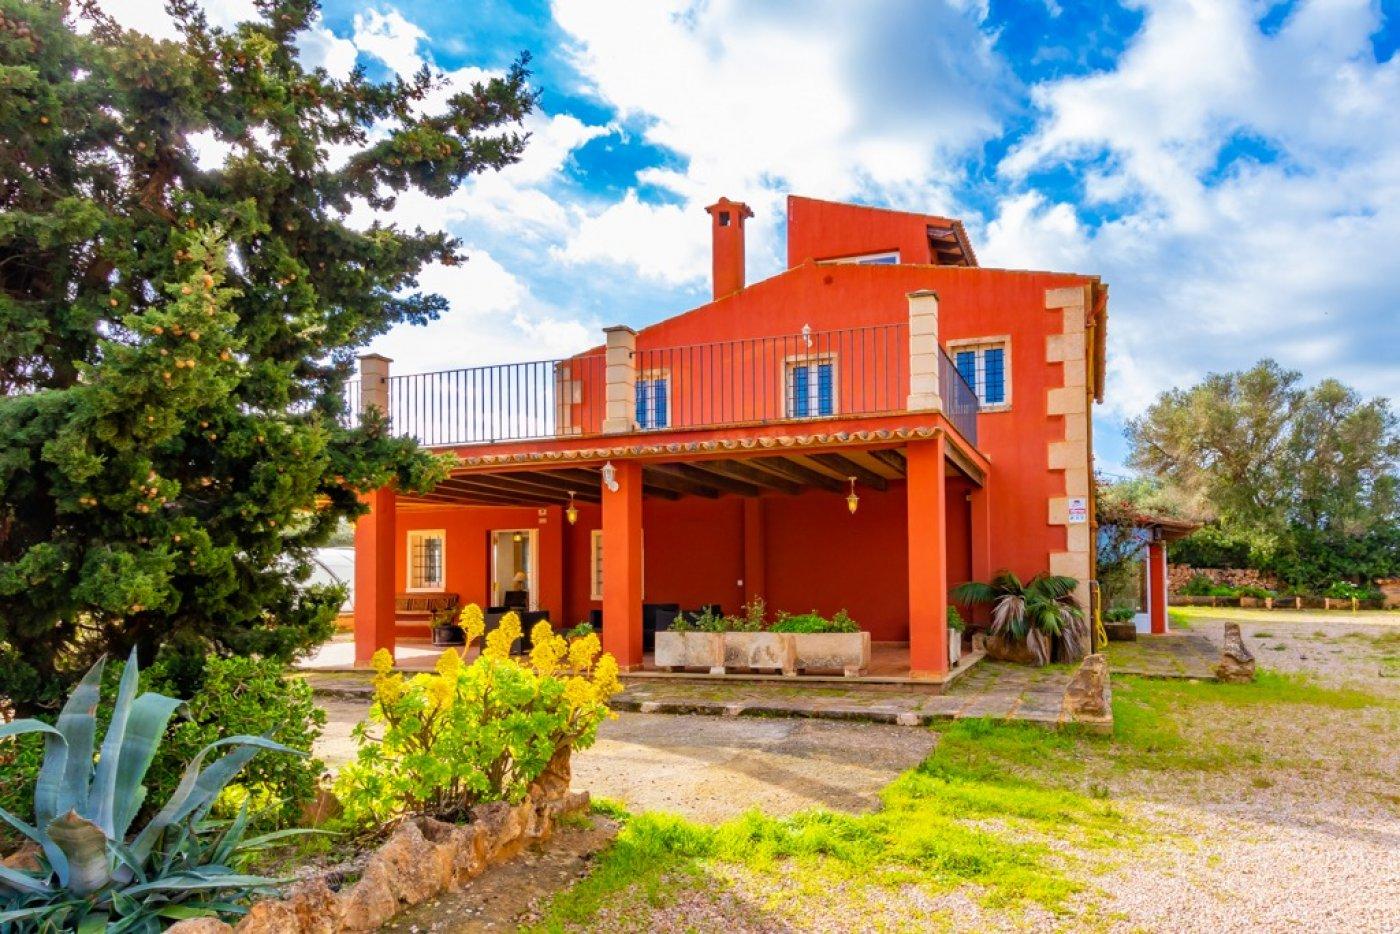 Magnifica villa en ses salines - can somni - ideal inversores turÍsticos - imagenInmueble1